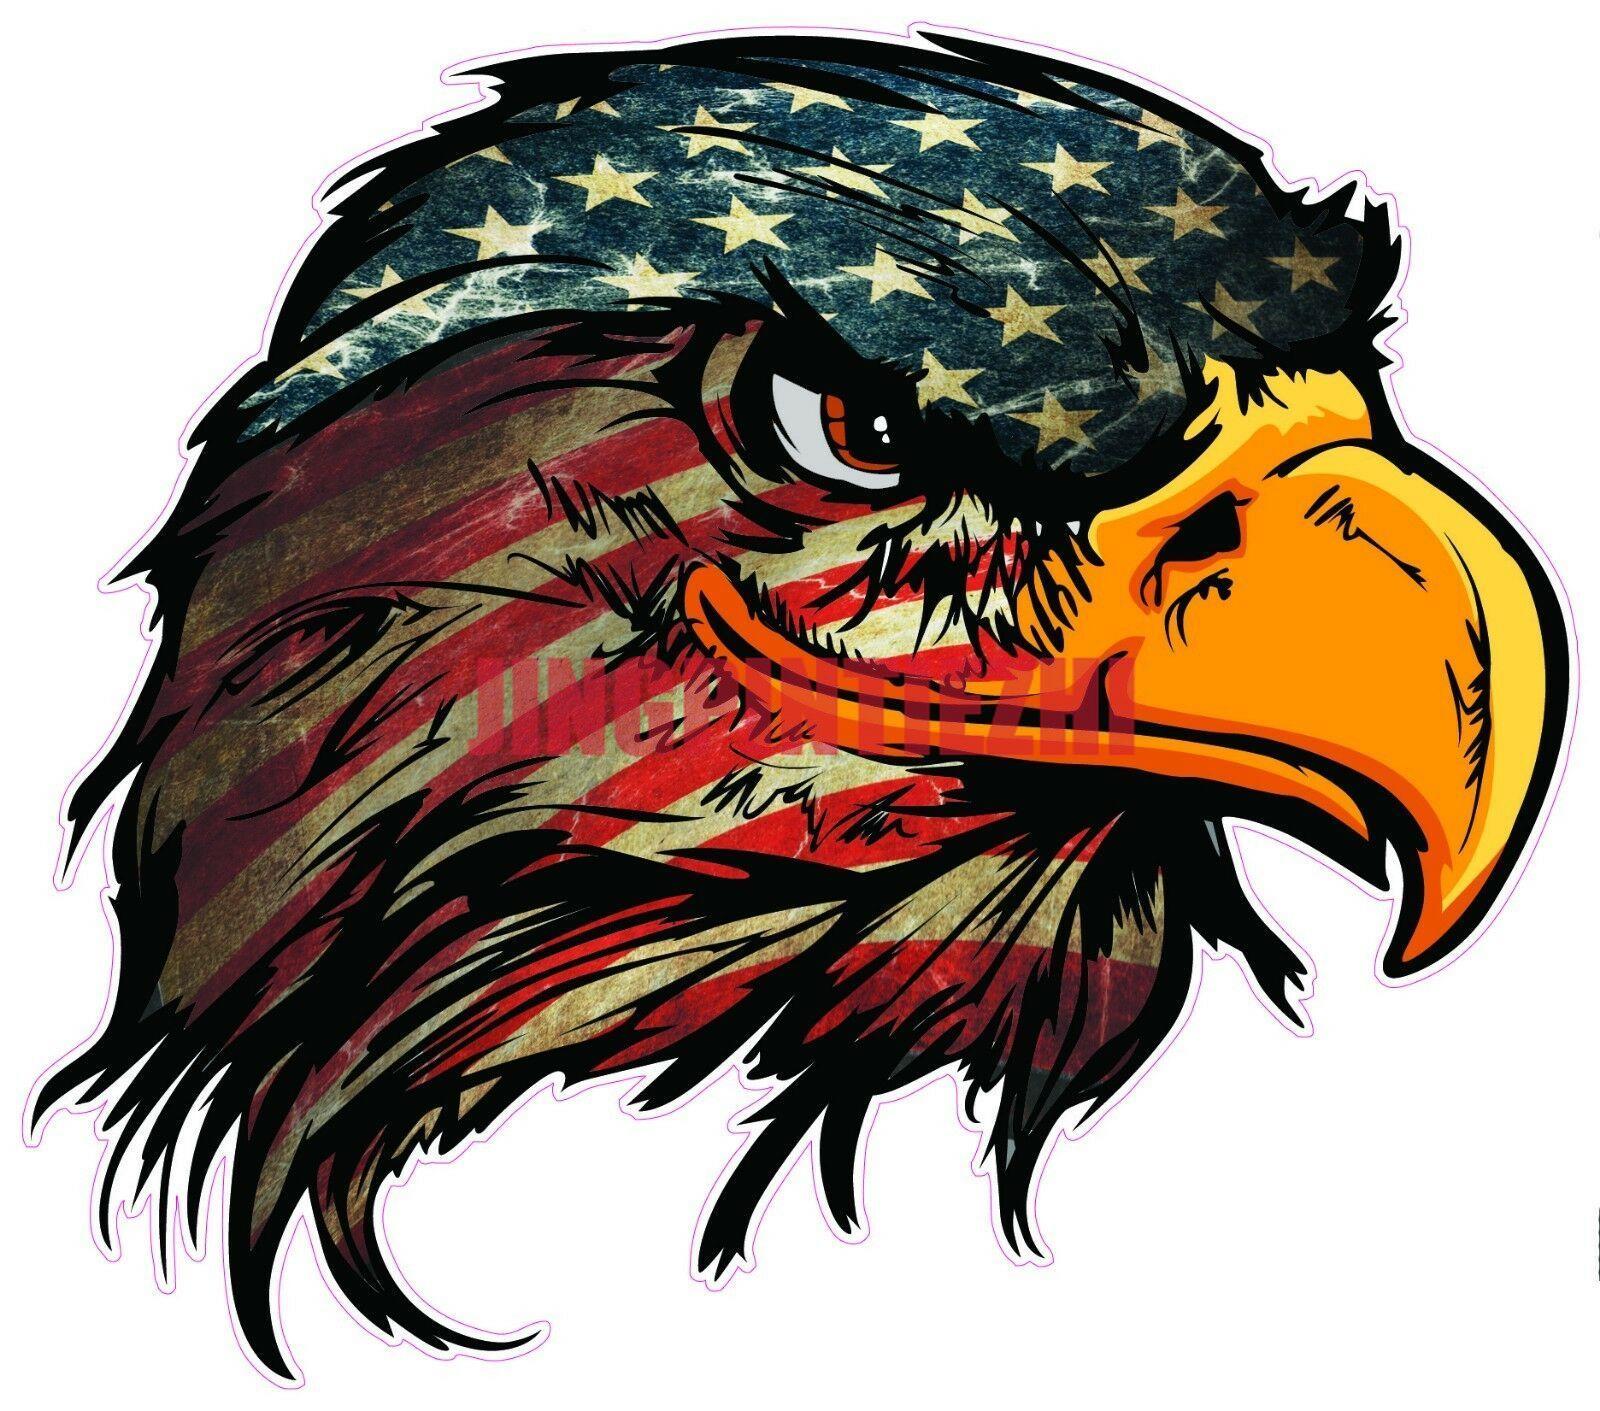 Интересная Автомобильная наклейка, американский флаг, голова Орла, искусственная виниловая наклейка, Виниловая наклейка, автомобильная на...